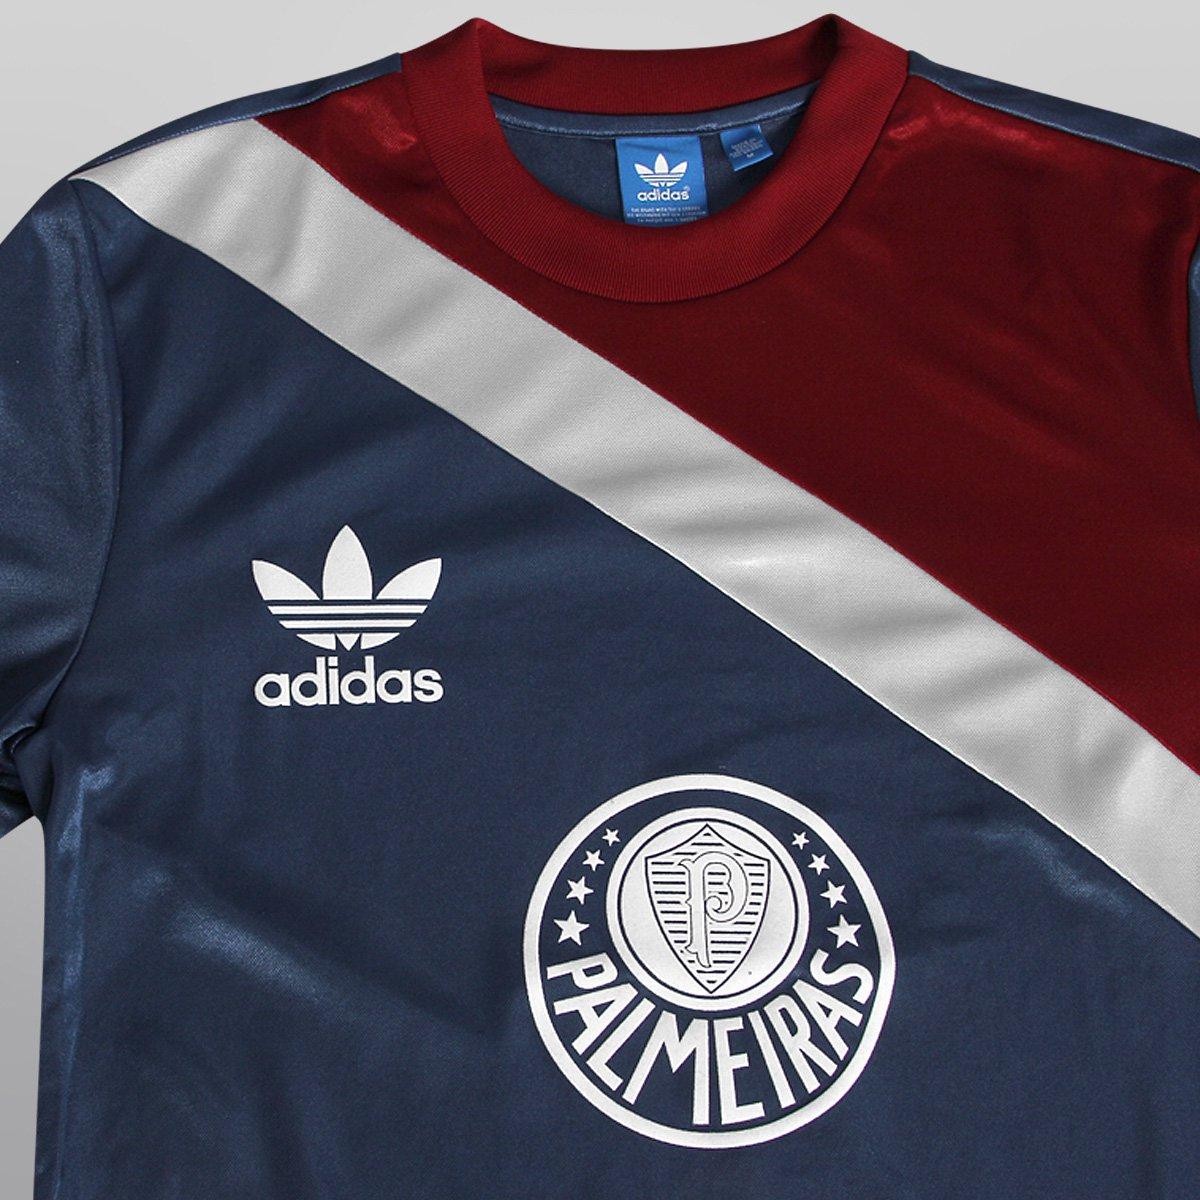 2a7fdc0ad3 Camisa Adidas Palmeiras Goleiro Retrô M L - Compre Agora